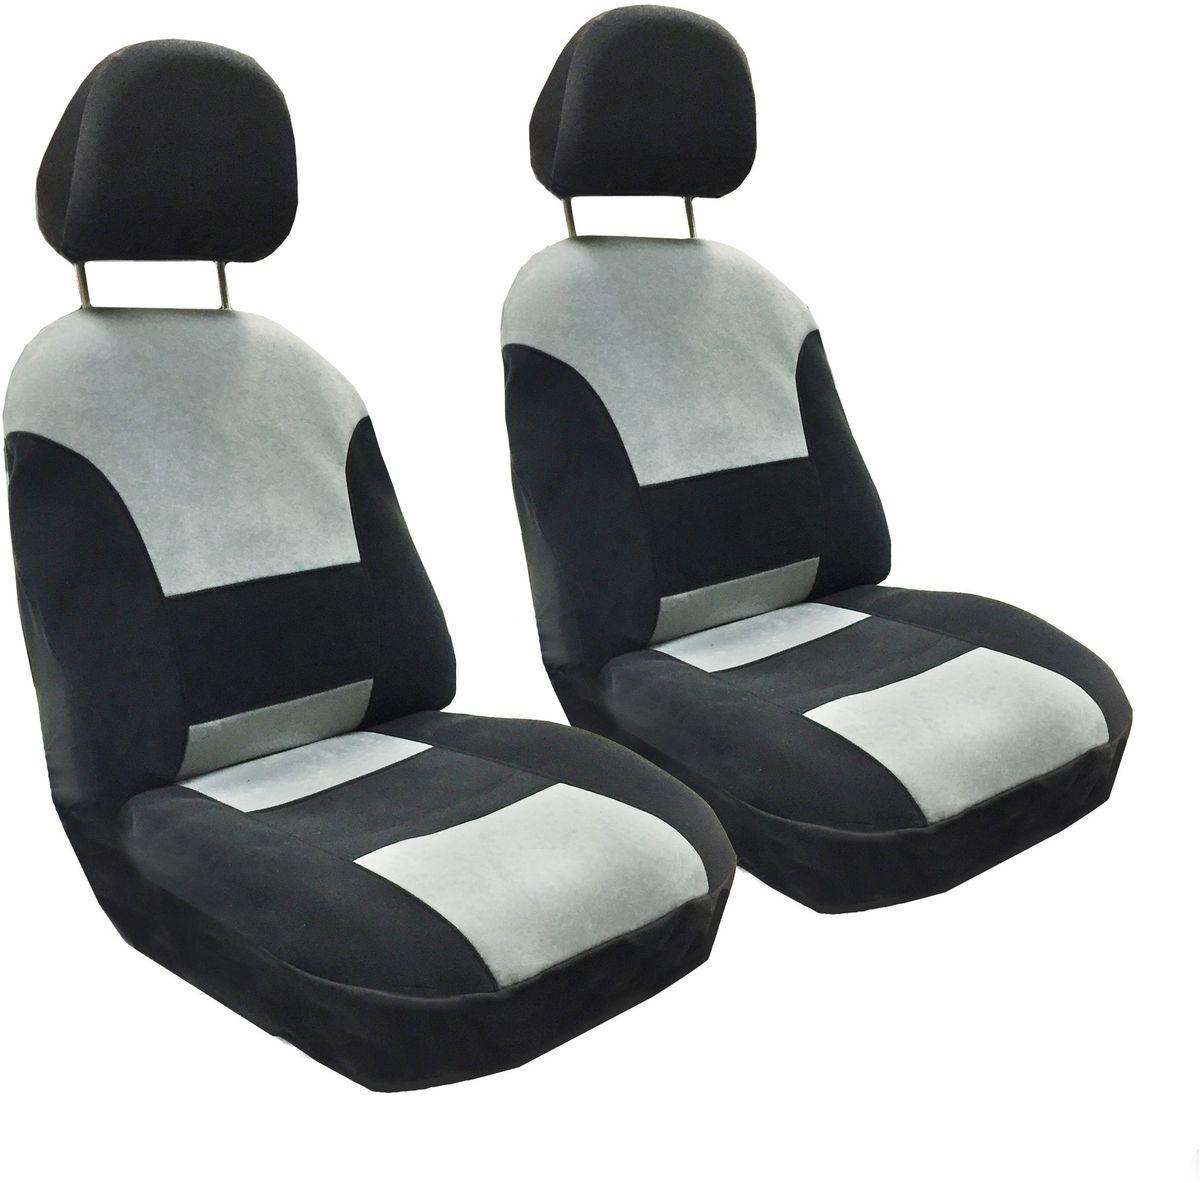 Набор автомобильных чехлов Auto Premium Флагман, цвет: черный, серый, 4 предмета57101Комлект универсальных чехлов на передние сиденья выполнен из велюра, предназначен для передних кресел автомобиля. На задней спинке чехла расположен вшивной карман. В комплект входят съемные чехлы для подголовников .Практичный и долговечный комплект чехлов для передних сидений надежно защищает сиденье водителя и пассажира от механических повреждений, загрязнений и износа.